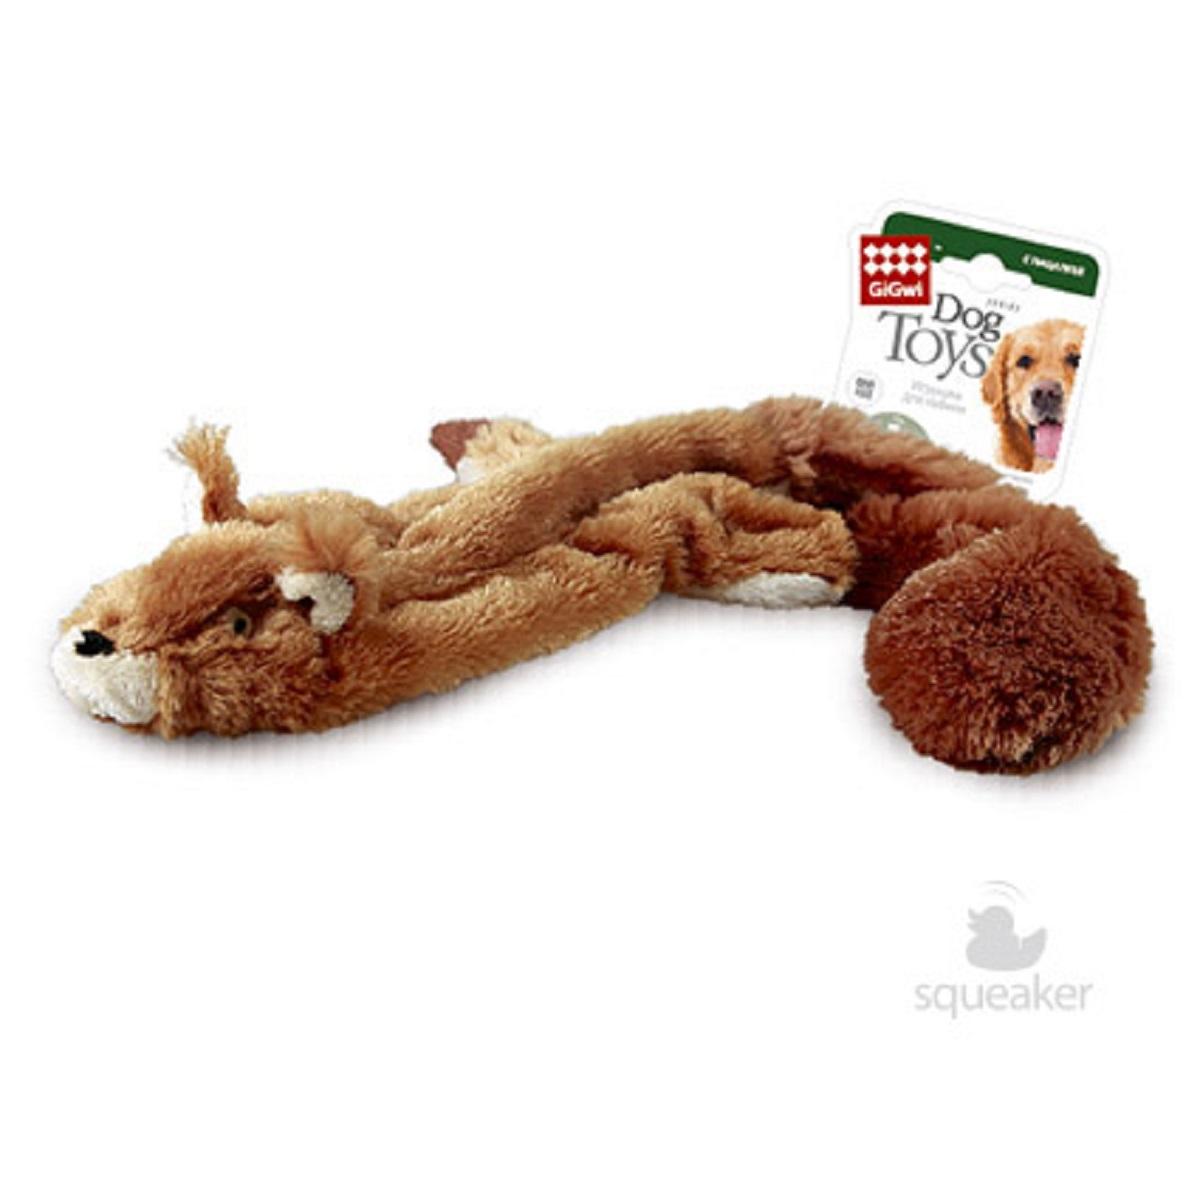 Игрушка для собак GiGwi Шкурка белки, с пищалкой, 61 см27799312Игрушка для собак GiGwi  Шкурка белки, выполненная из текстиля, не позволит заскучать вашему питомцу. Играя с этой забавной игрушкой, маленькие щенки развиваются физически, а взрослые собаки поддерживают свой мышечный тонус. Игрушка выполнена в виде шкурки белки. Такая игрушка порадует вашего любимца, а вам доставит массу приятных эмоций, ведь наблюдать за игрой всегда интересно и приятно.